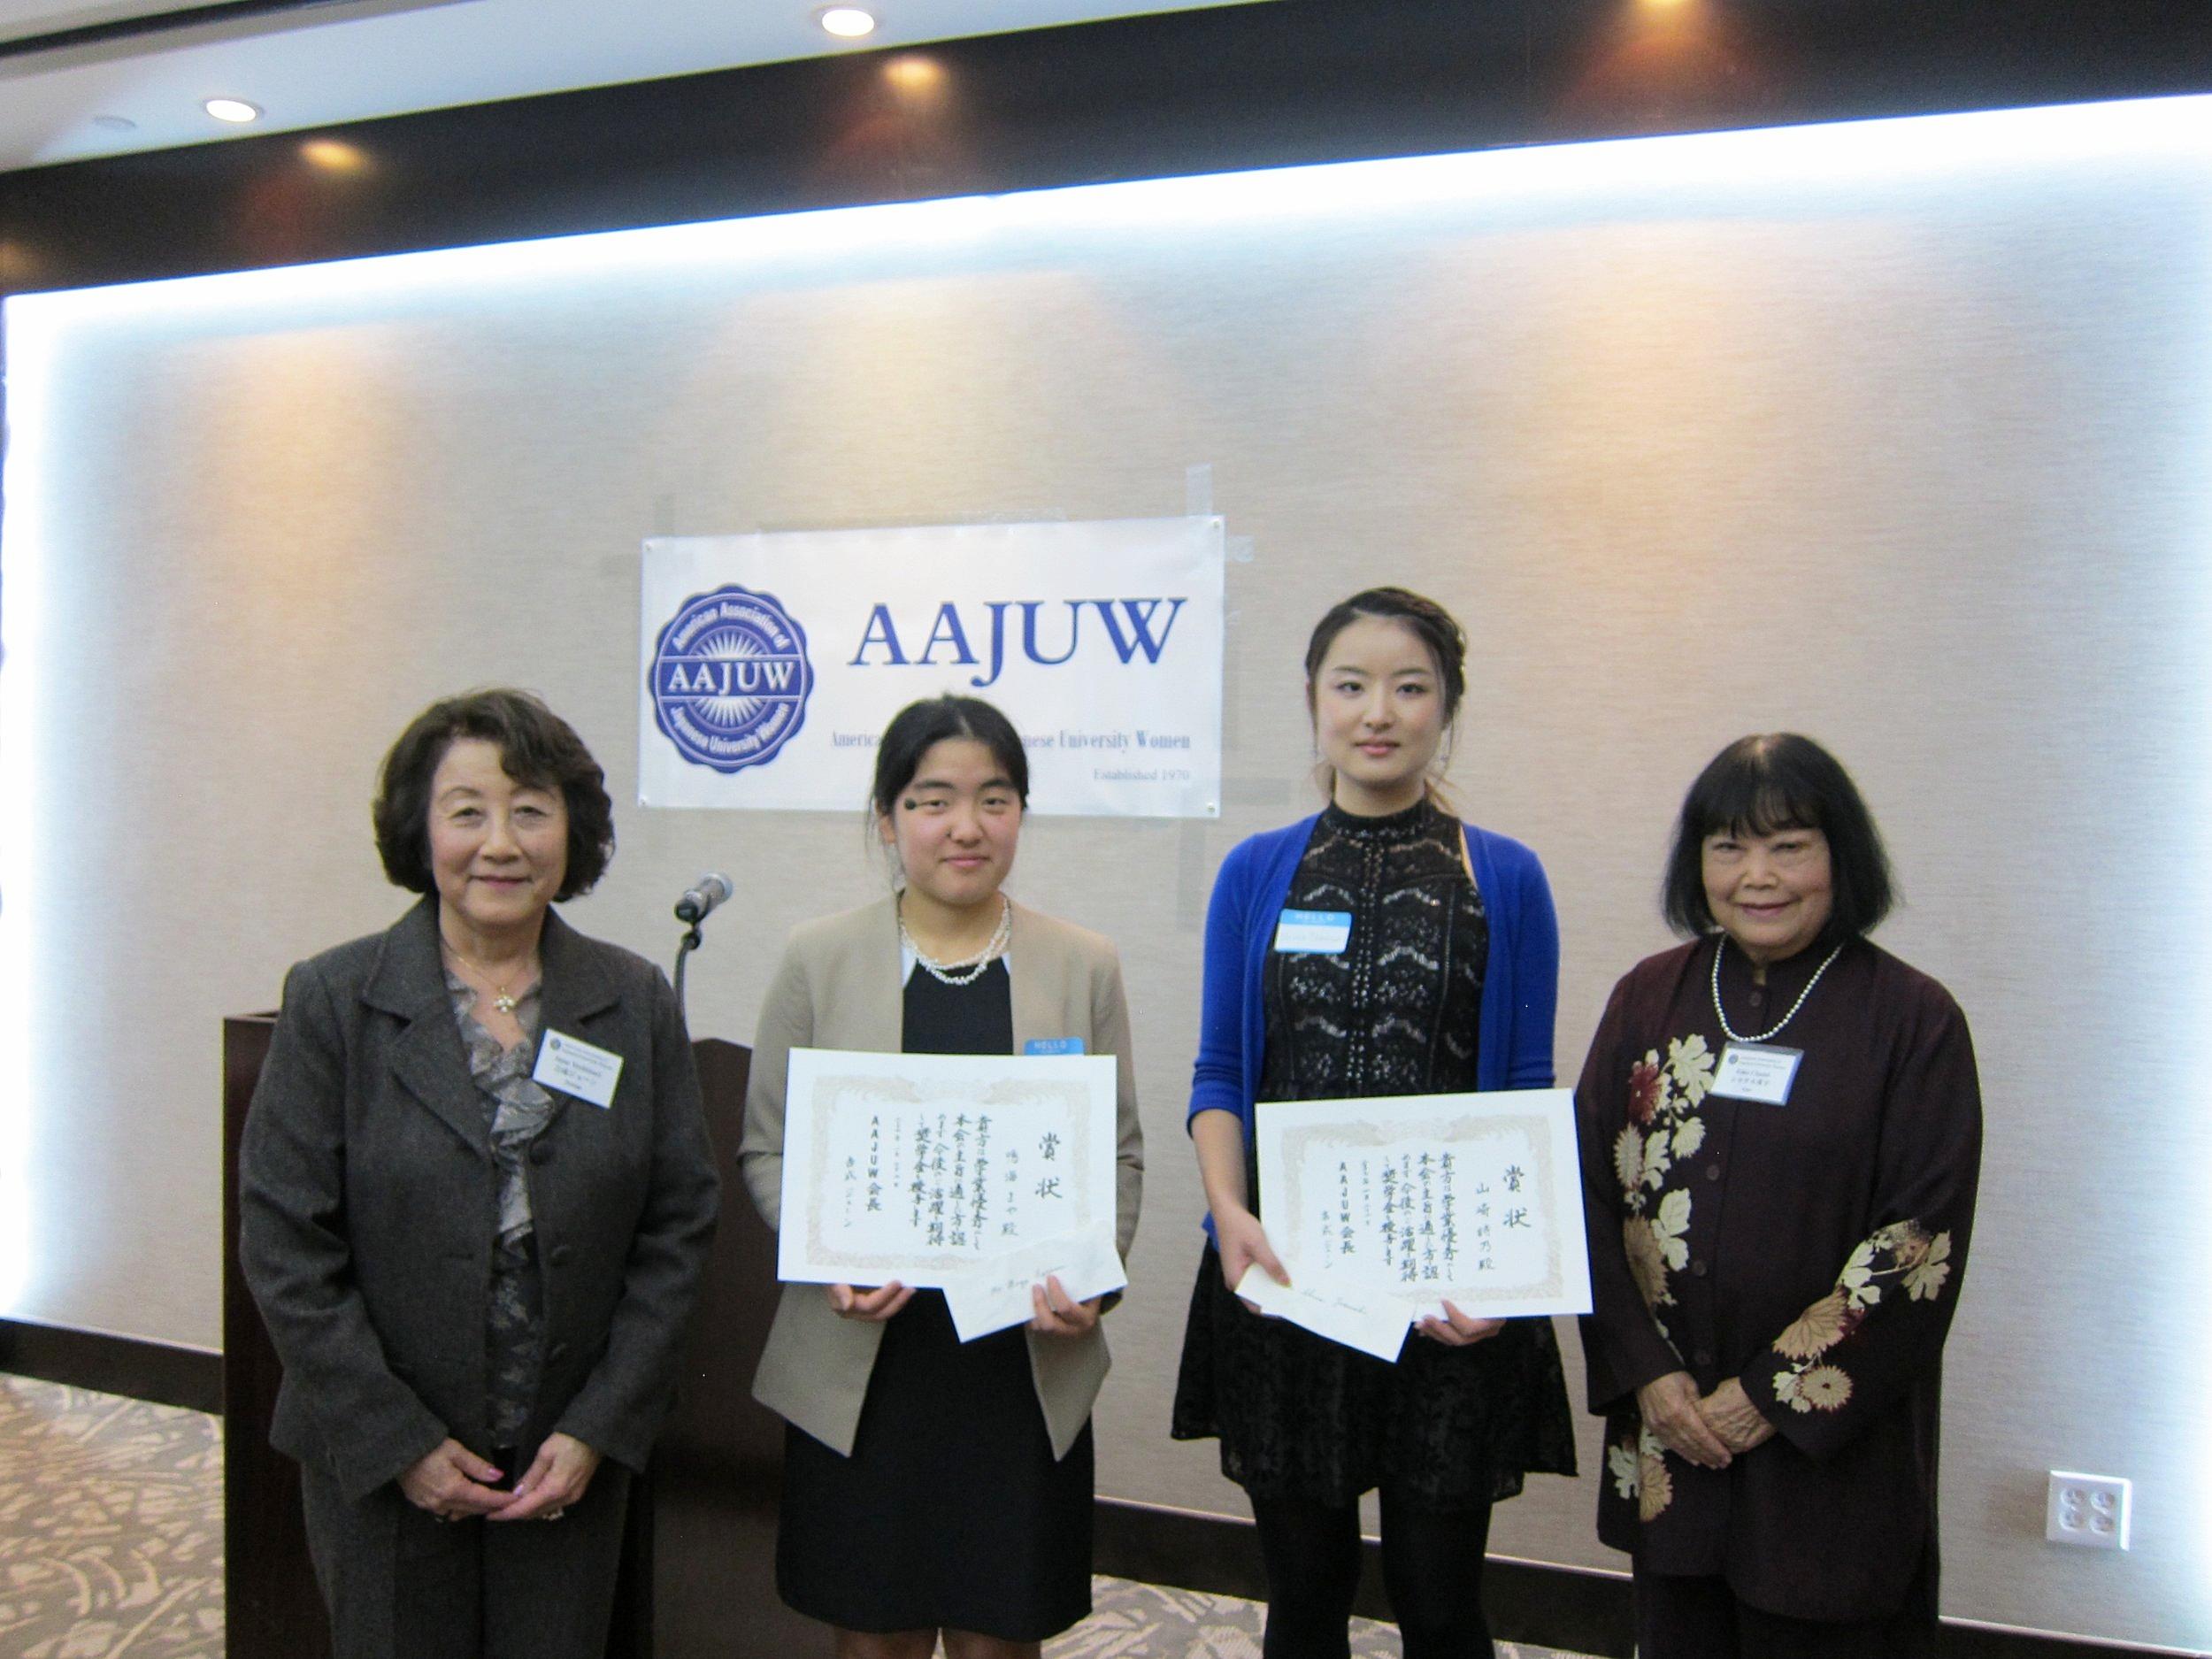 2016年度の奨学金受賞者には鳴海まやさん(UC Berkely)、山崎詩乃さん(UCLA) が選出されました。